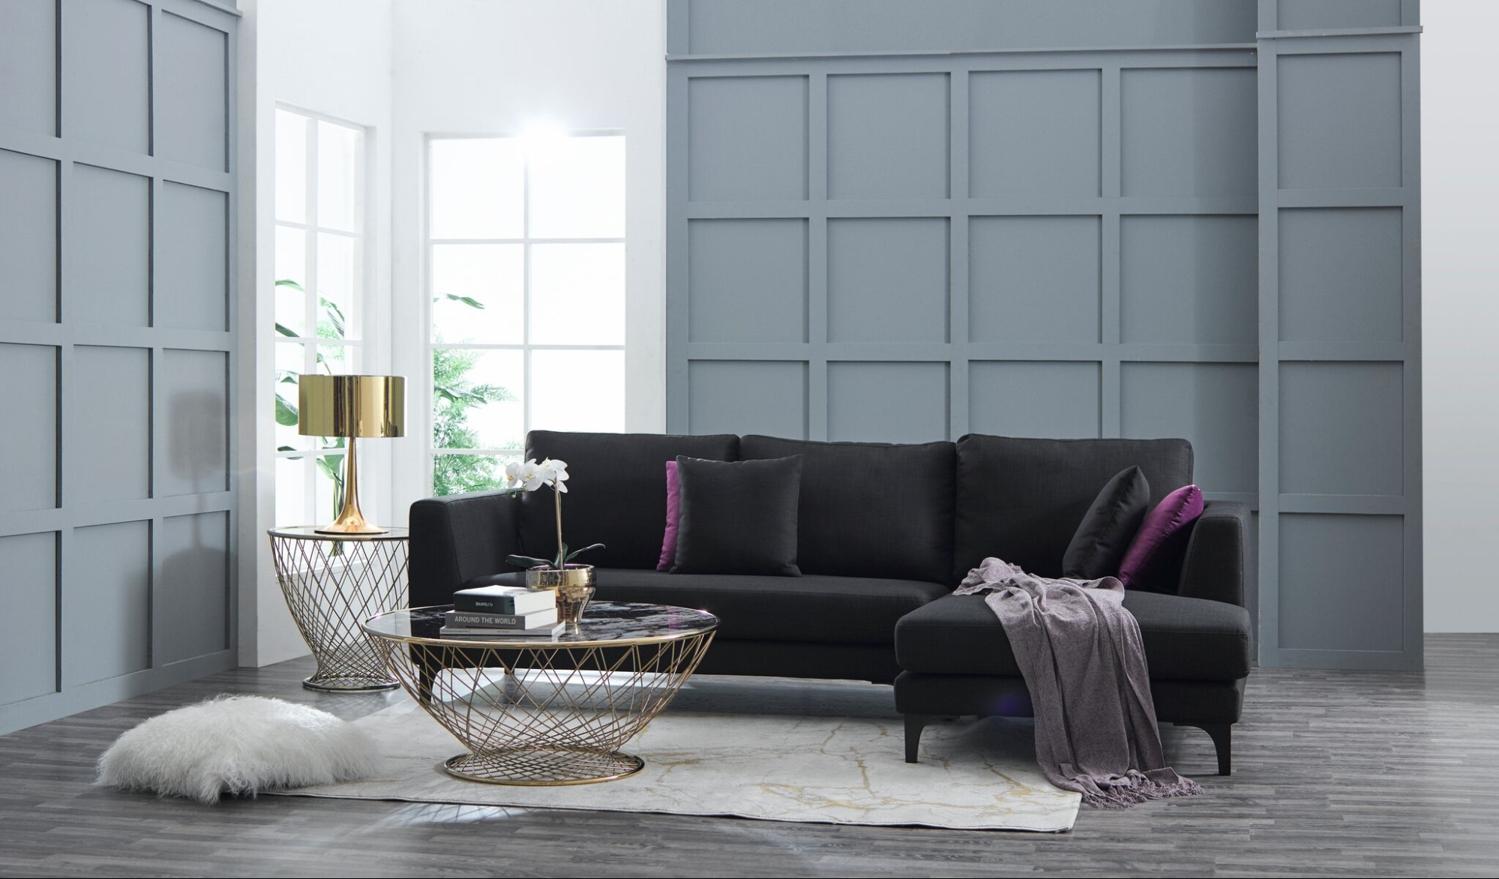 venice sofa harvey norman